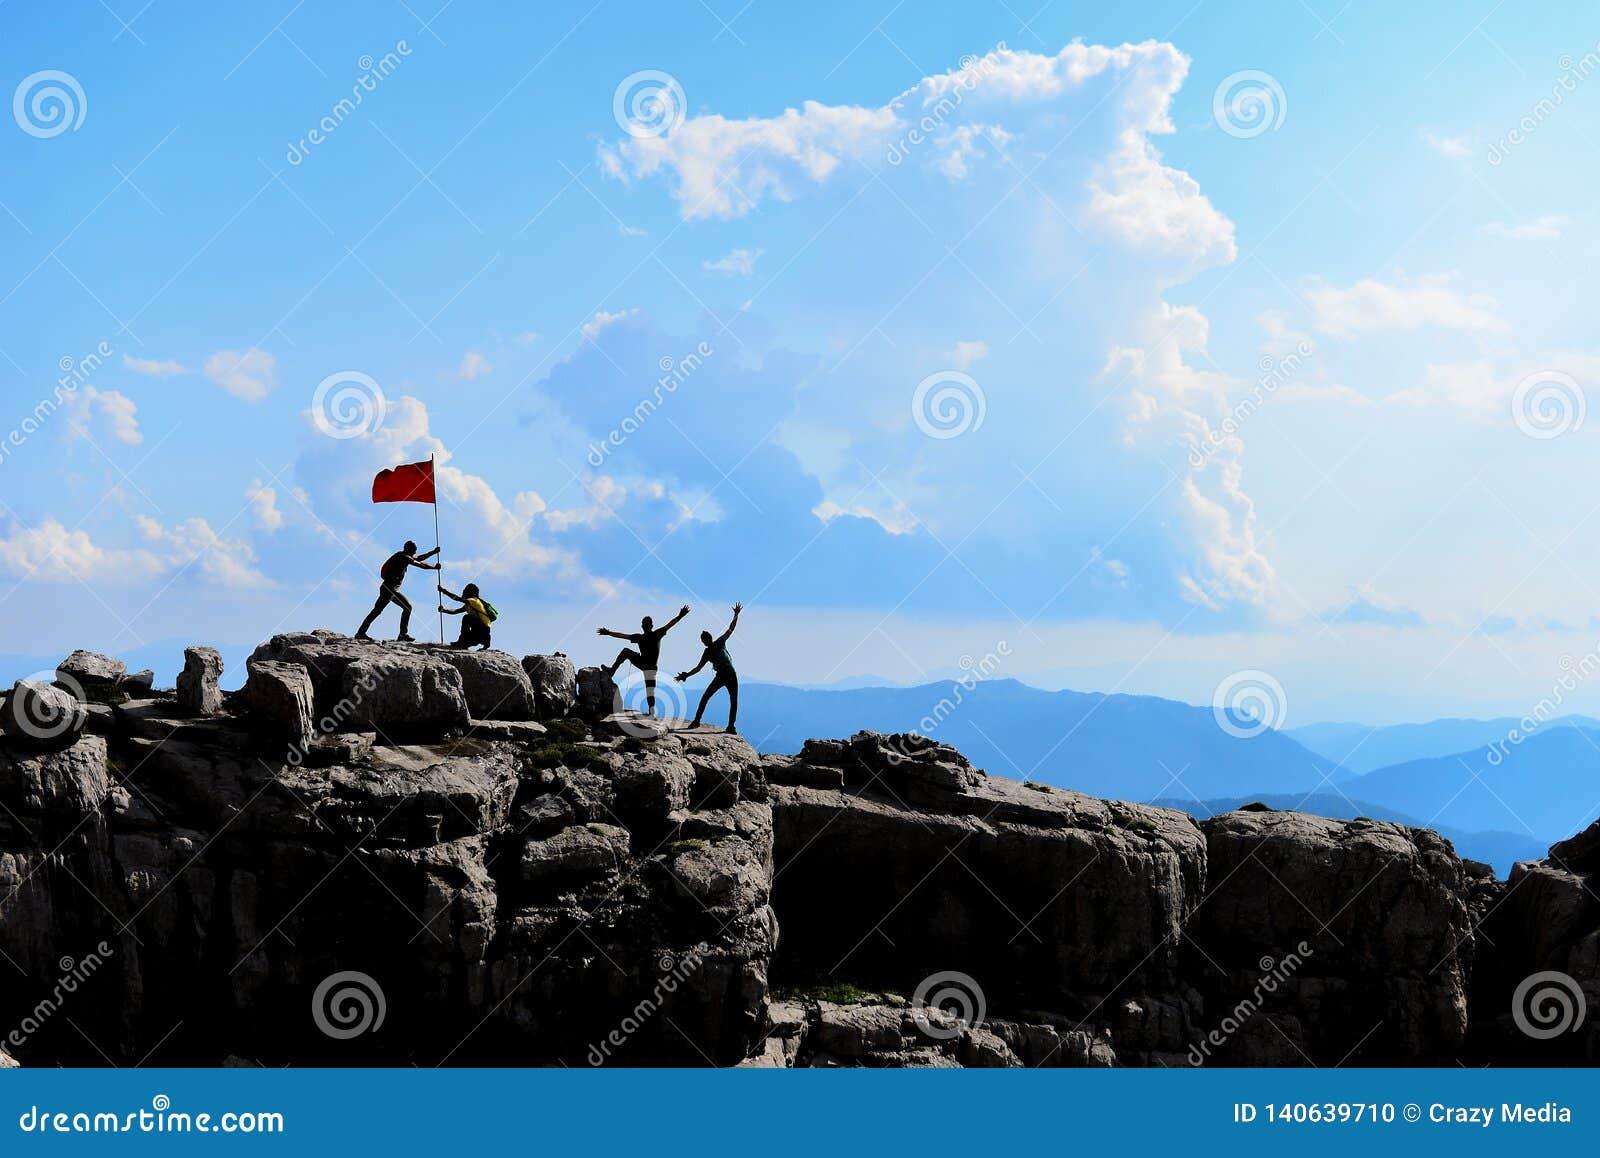 La felicidad máxima de escaladores profesionales sazonados